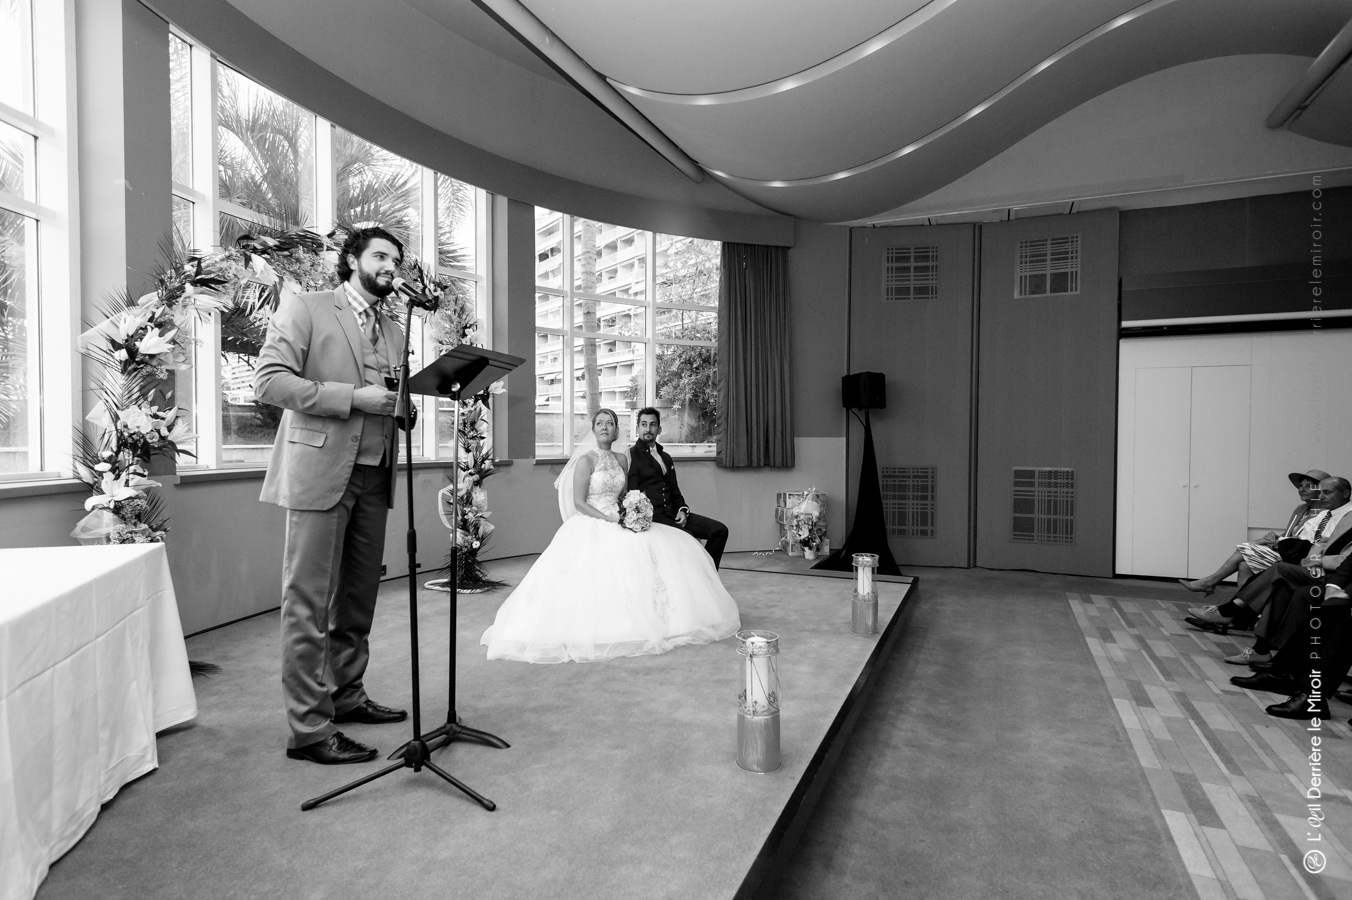 Photographe-mariage-monaco-loeilderrierelemiroir-033